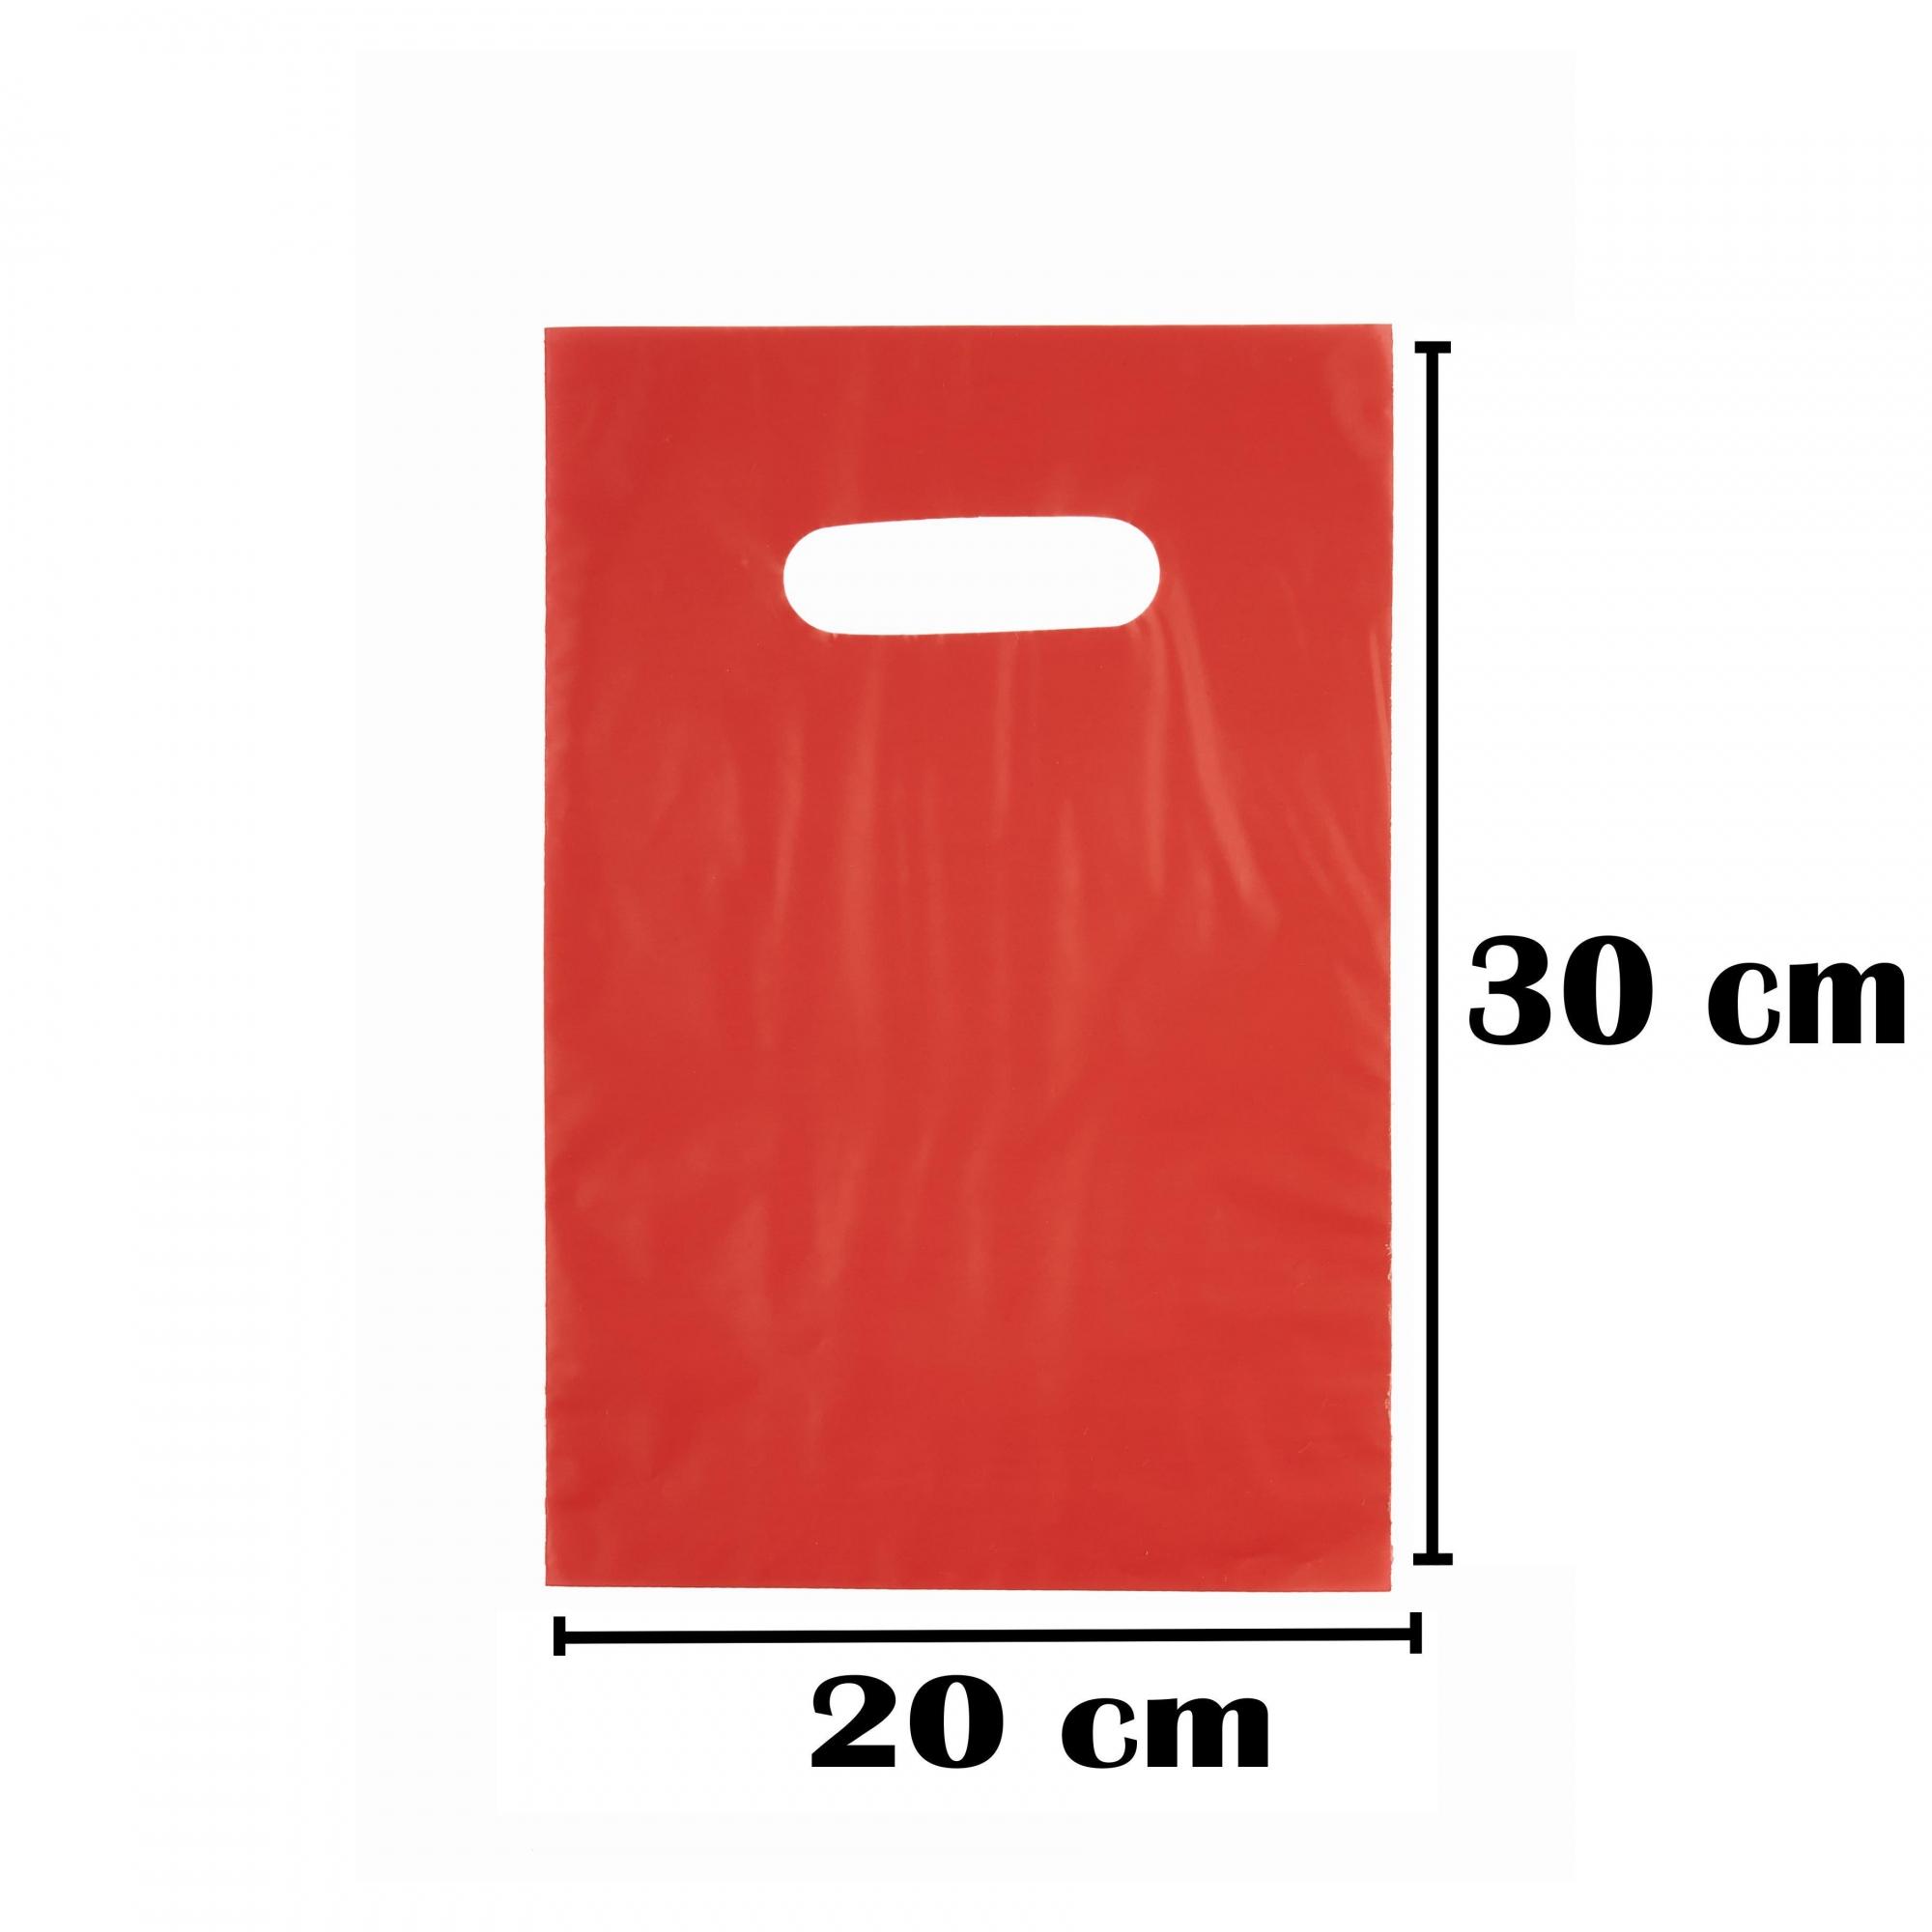 Sacola Plástica 20x30 Vermelha Alça Boca de Palhaço 500 Unidades